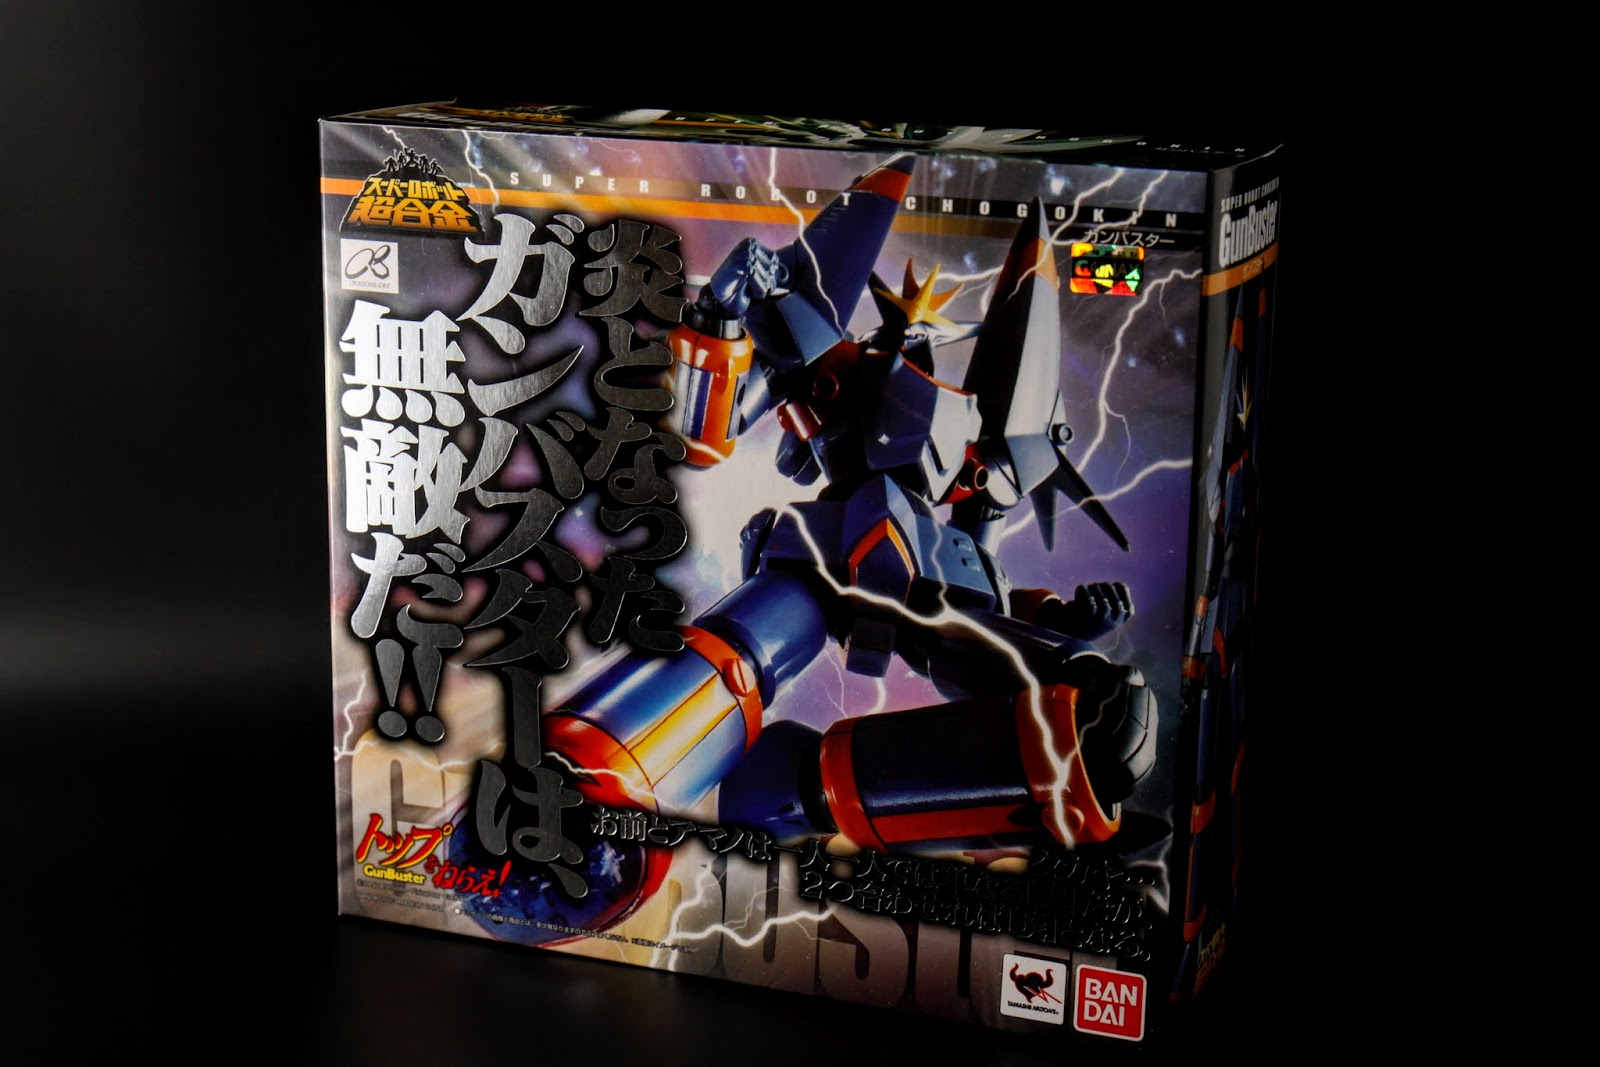 SR超合金一貫外盒風格, 是說我總覺得玩具擺閃電踢的樣子怎樣都怪怪的